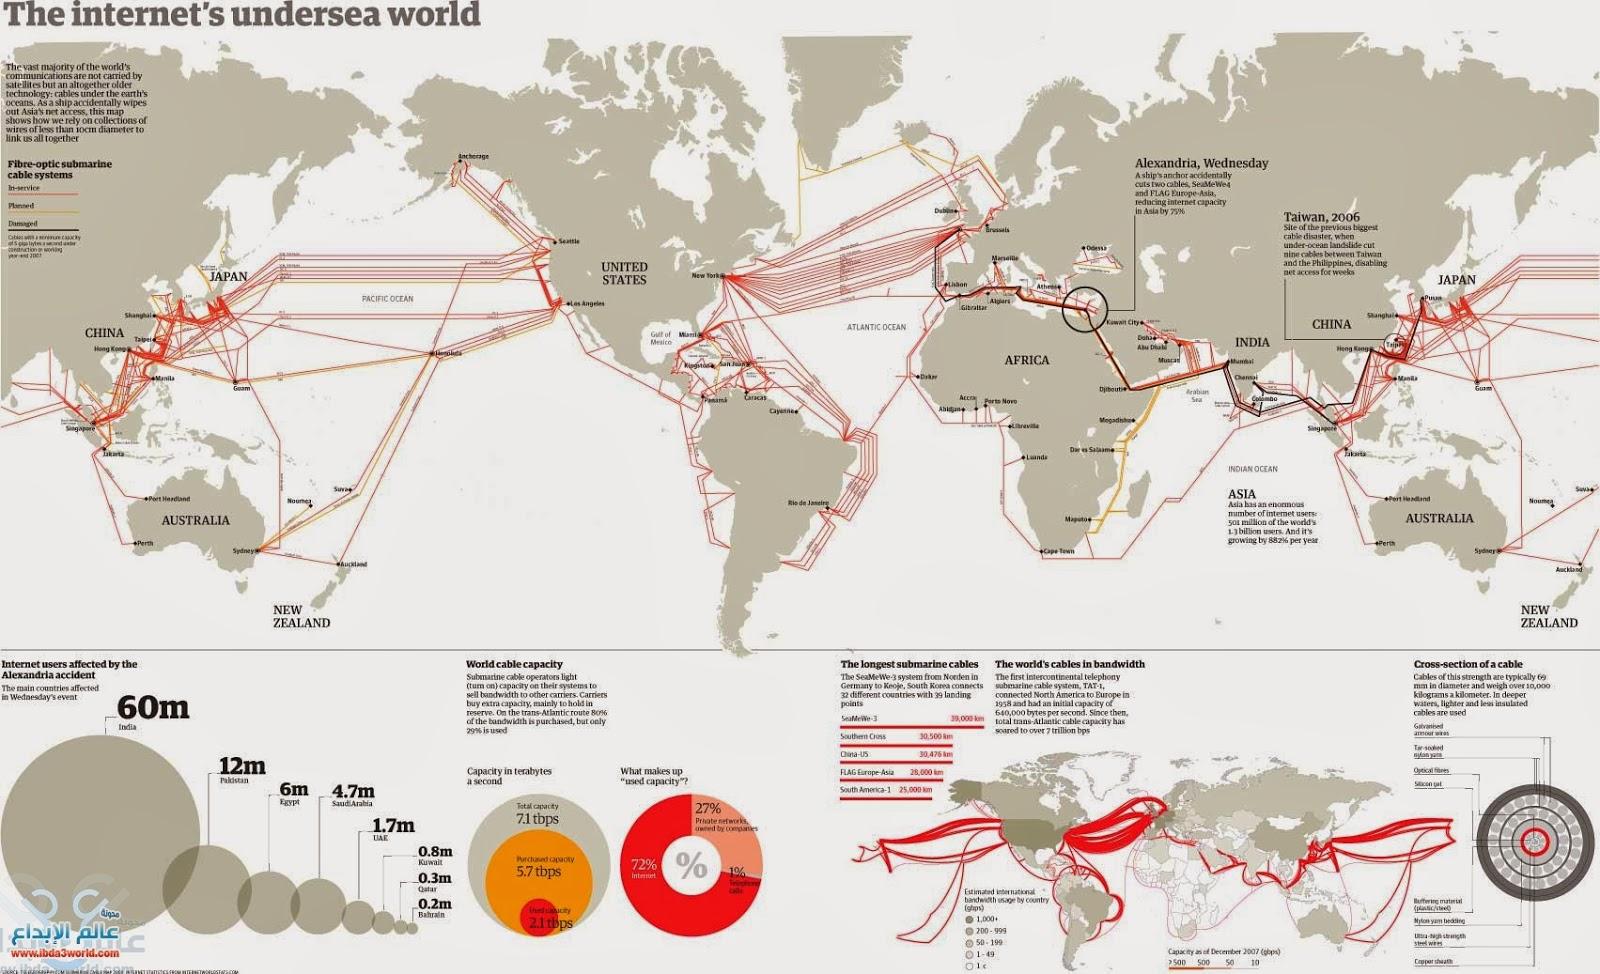 خريطة كابلات و وصلات و سلوك الانترنت في العالم الكابلات البحرية  internet cables map